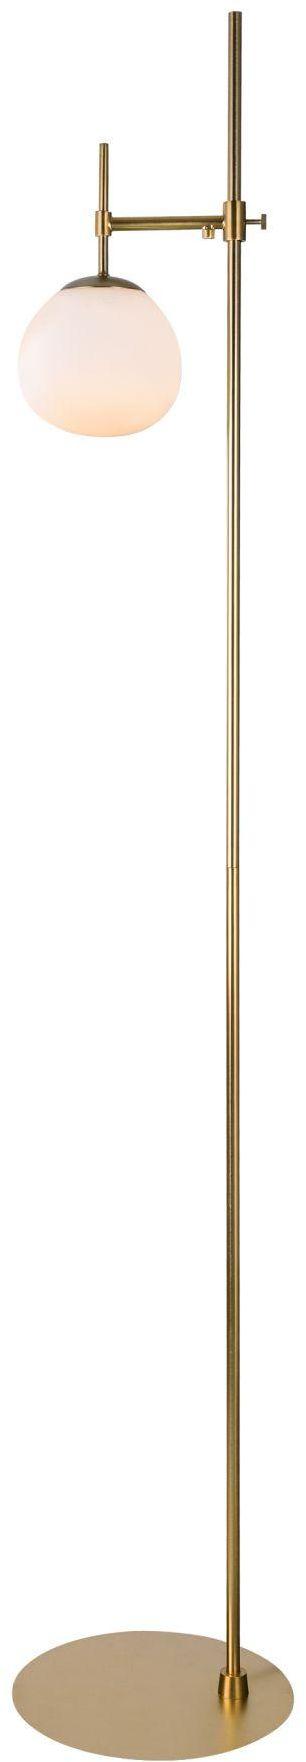 Lampa podłogowa ERICH MOD221-FL-01-G - Maytoni - Wyprzedaż - Sprawdź kupon rabatowy w koszyku